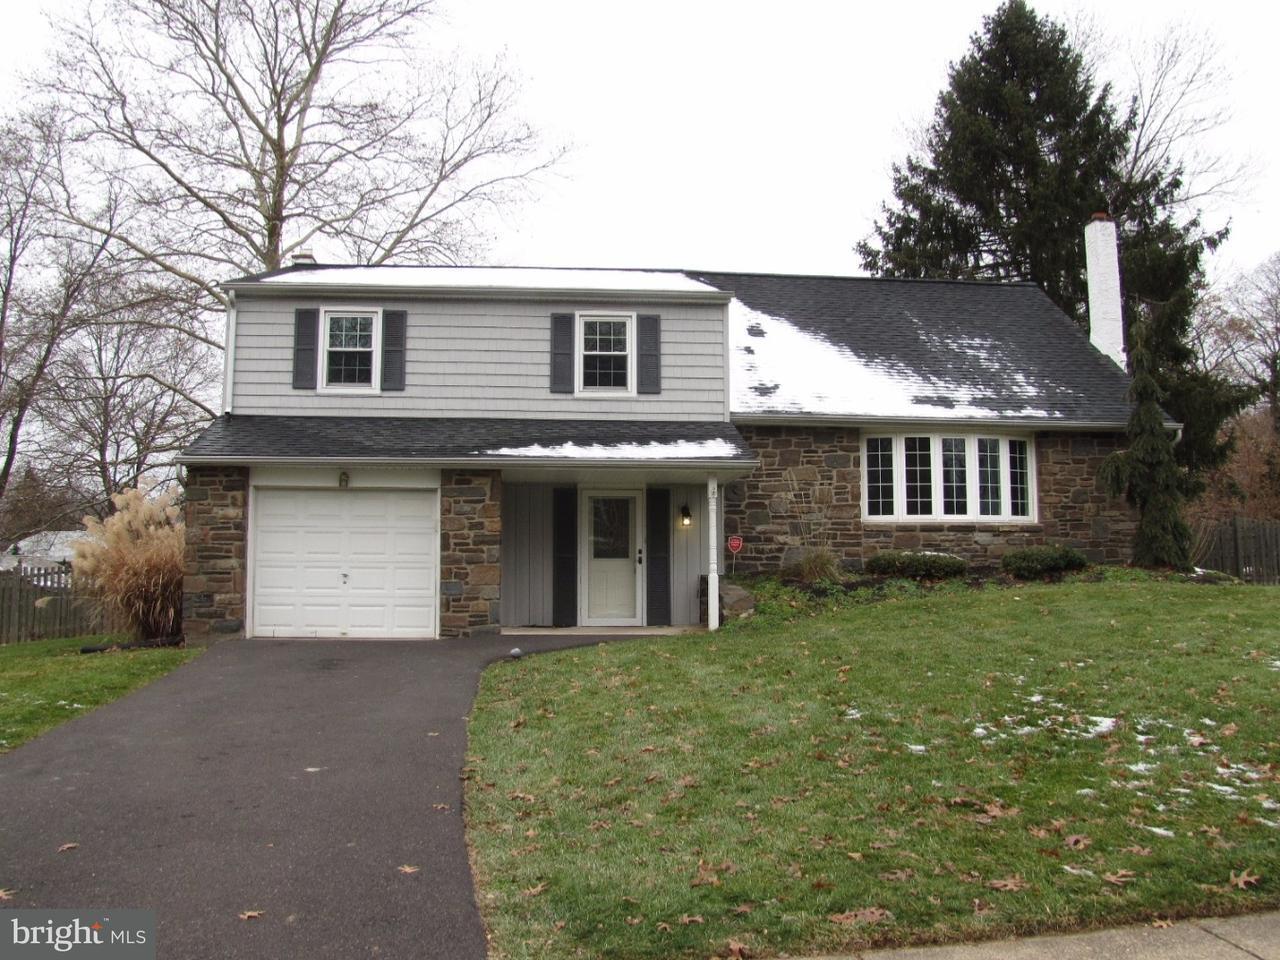 Casa Unifamiliar por un Alquiler en 106 N NORWOOD Avenue Newtown, Pennsylvania 18940 Estados Unidos